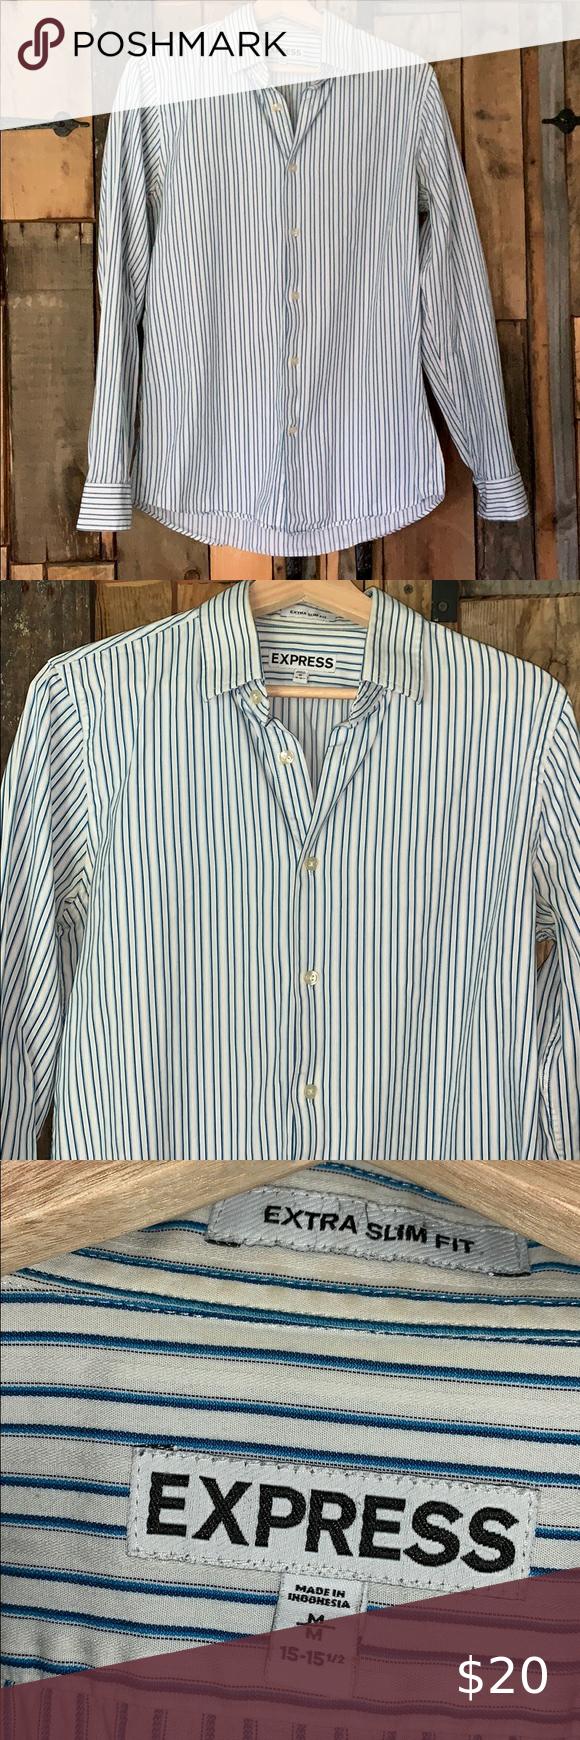 Express Men S Blue White Striped Dress Shirt Sz M Blue White Striped Dress White Striped Dress Striped Dress [ 1740 x 580 Pixel ]